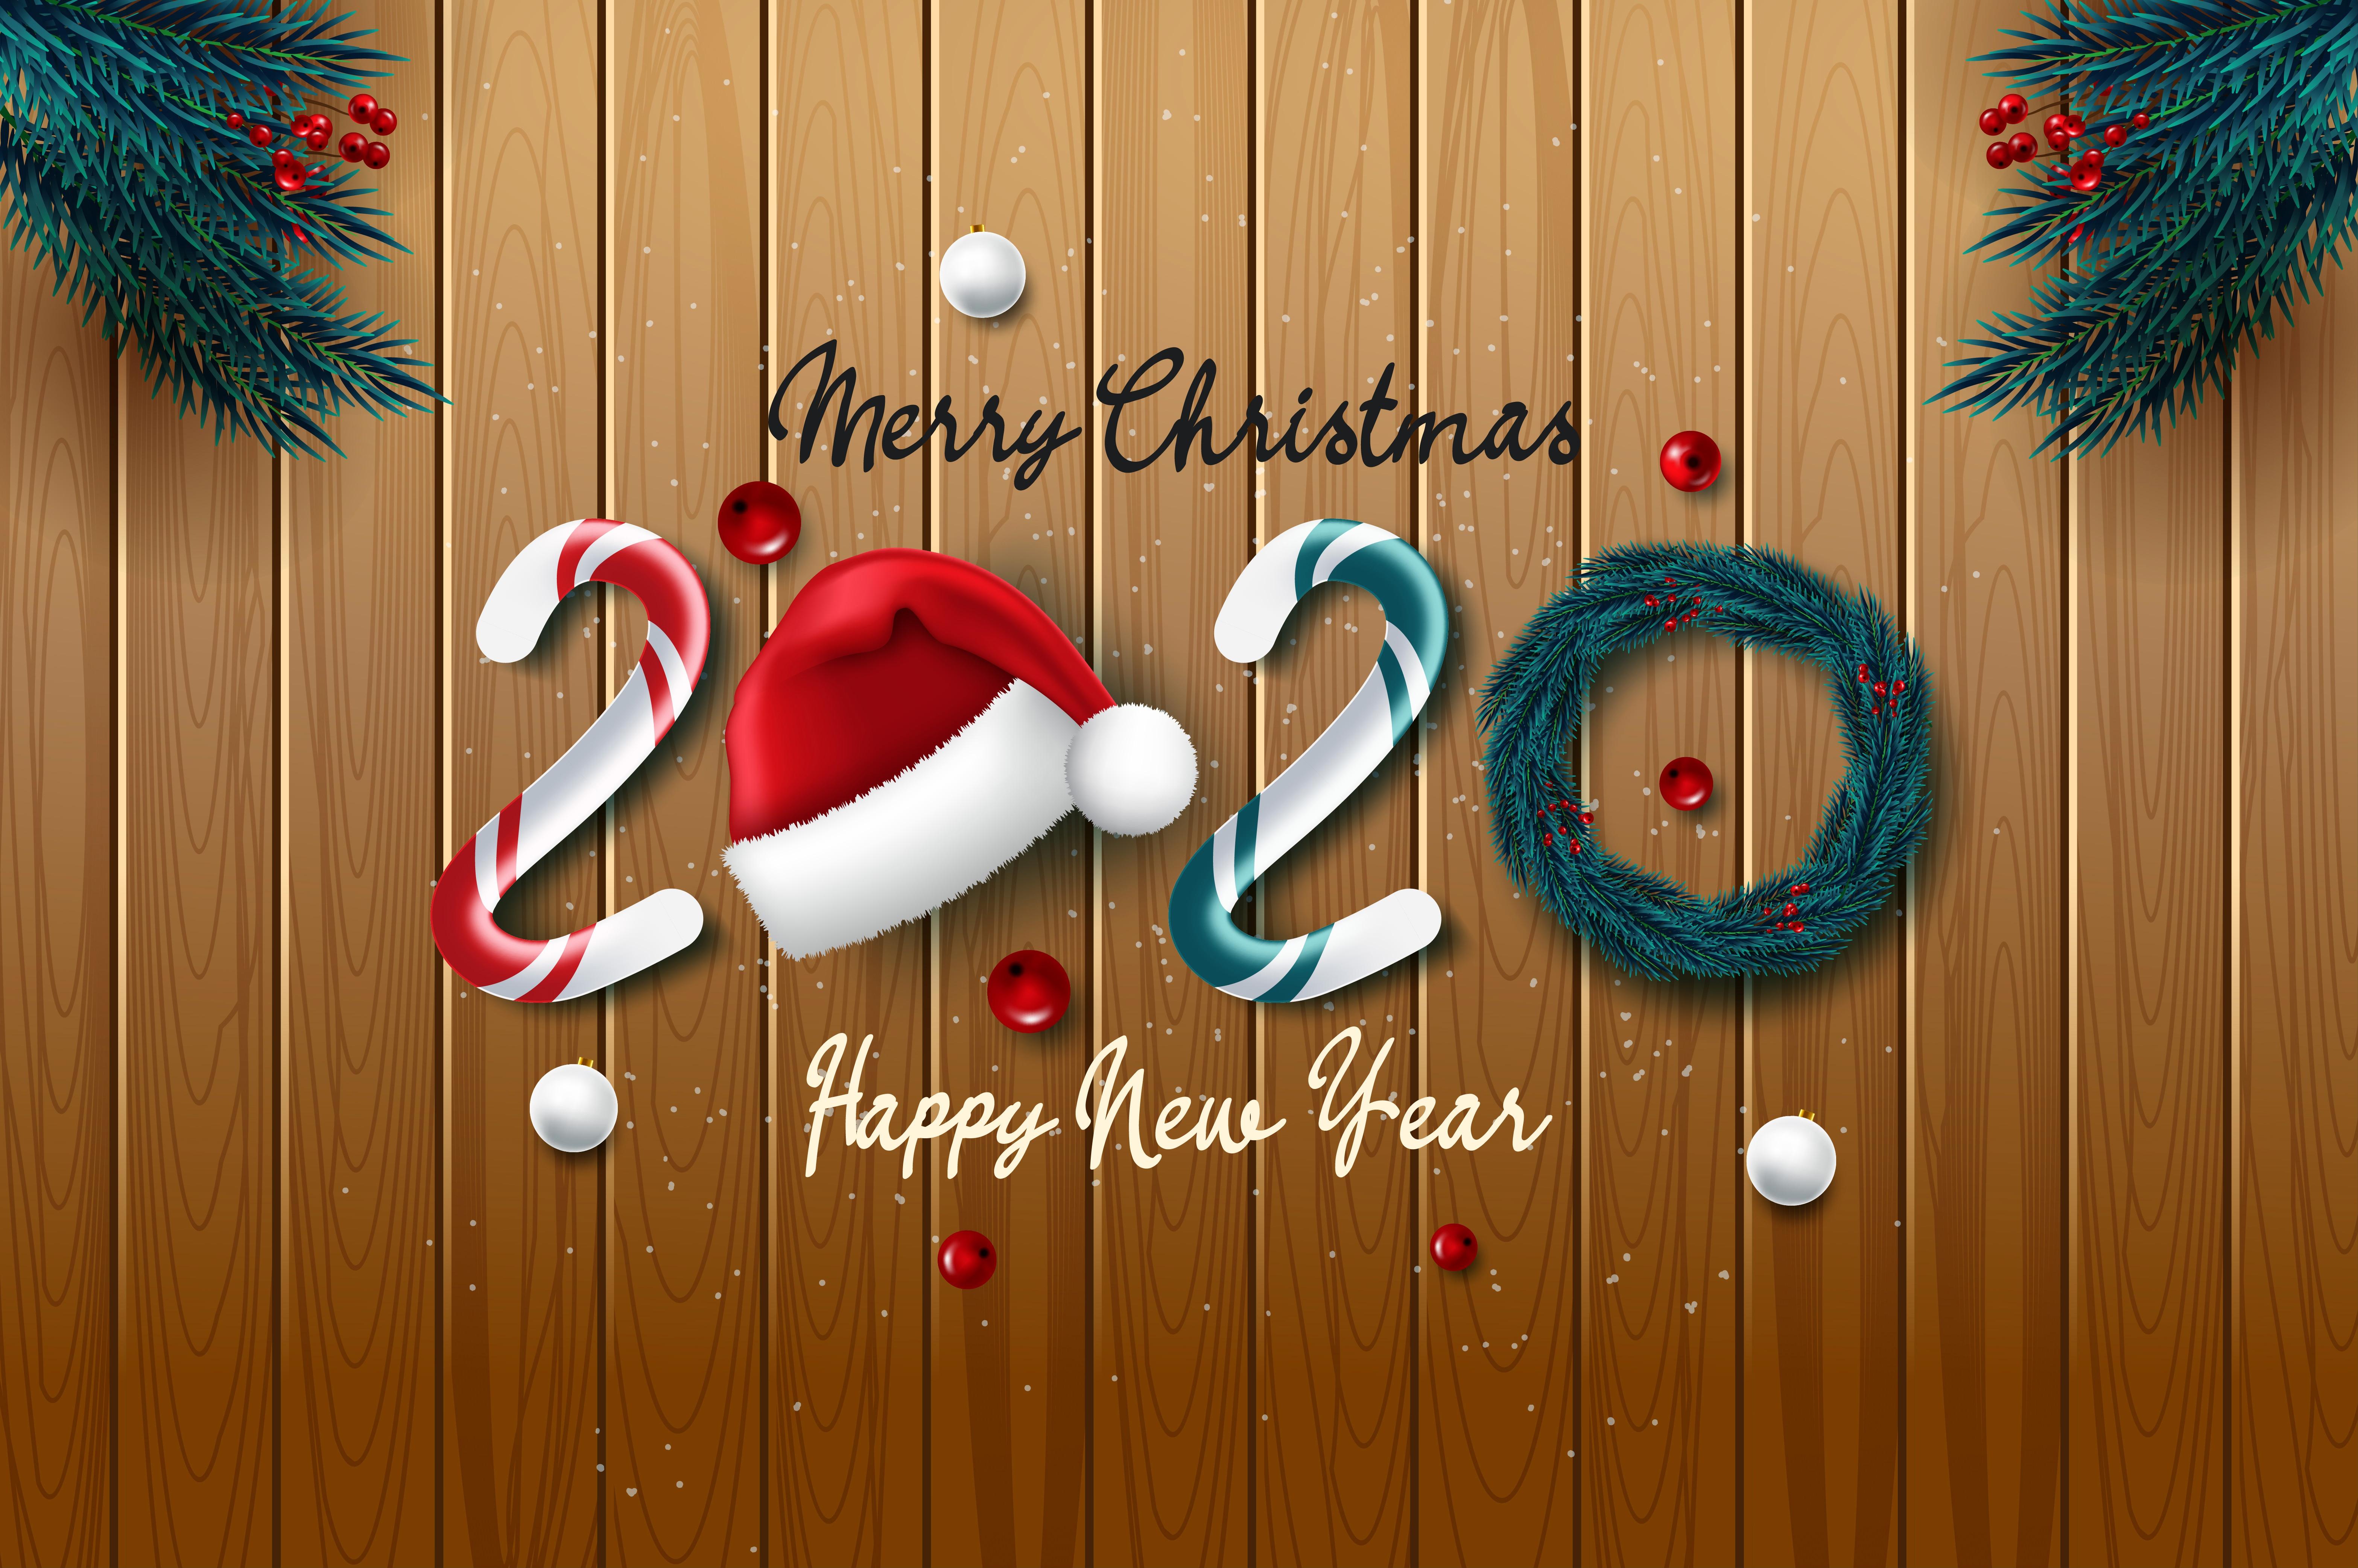 download New Year 2020 5k Retina Ultra HD Wallpaper 6267x4167